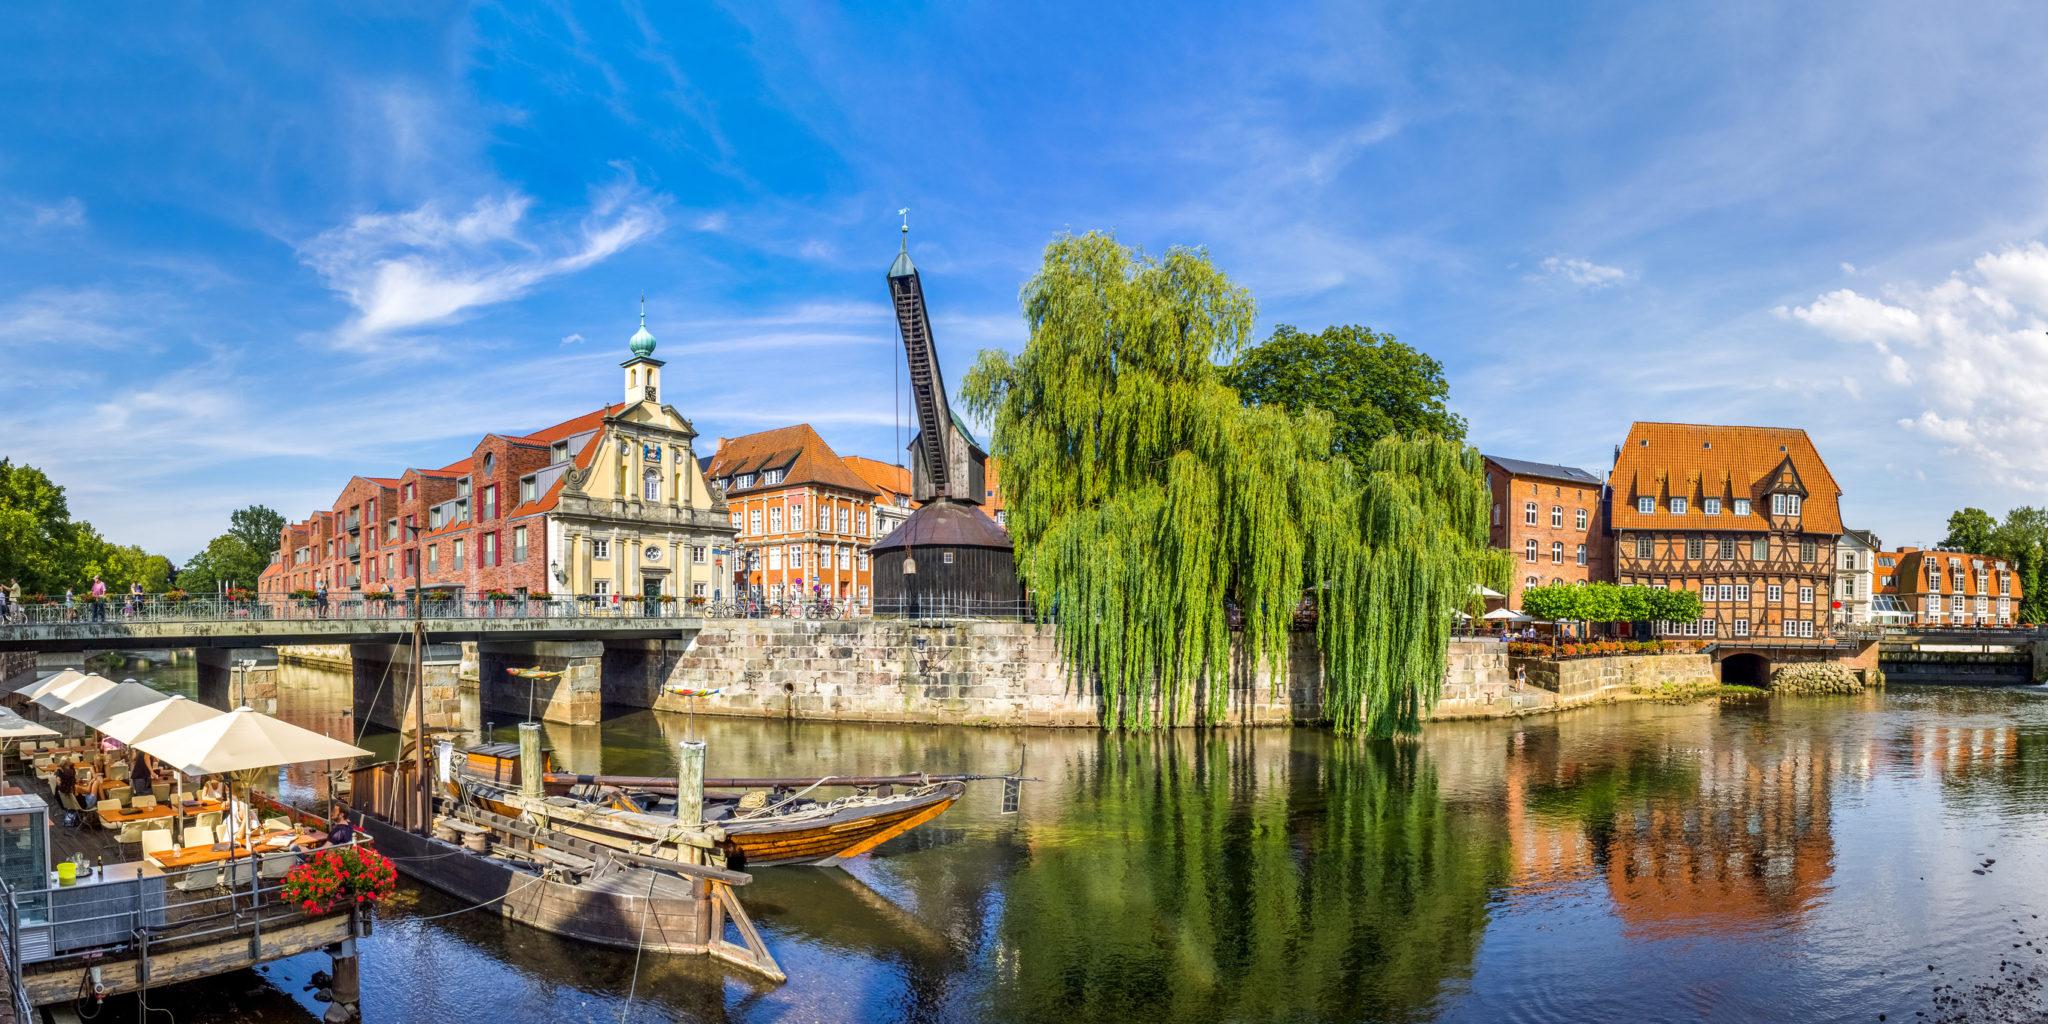 Haushaltsauflösung und Entrümpelung in Lüneburg